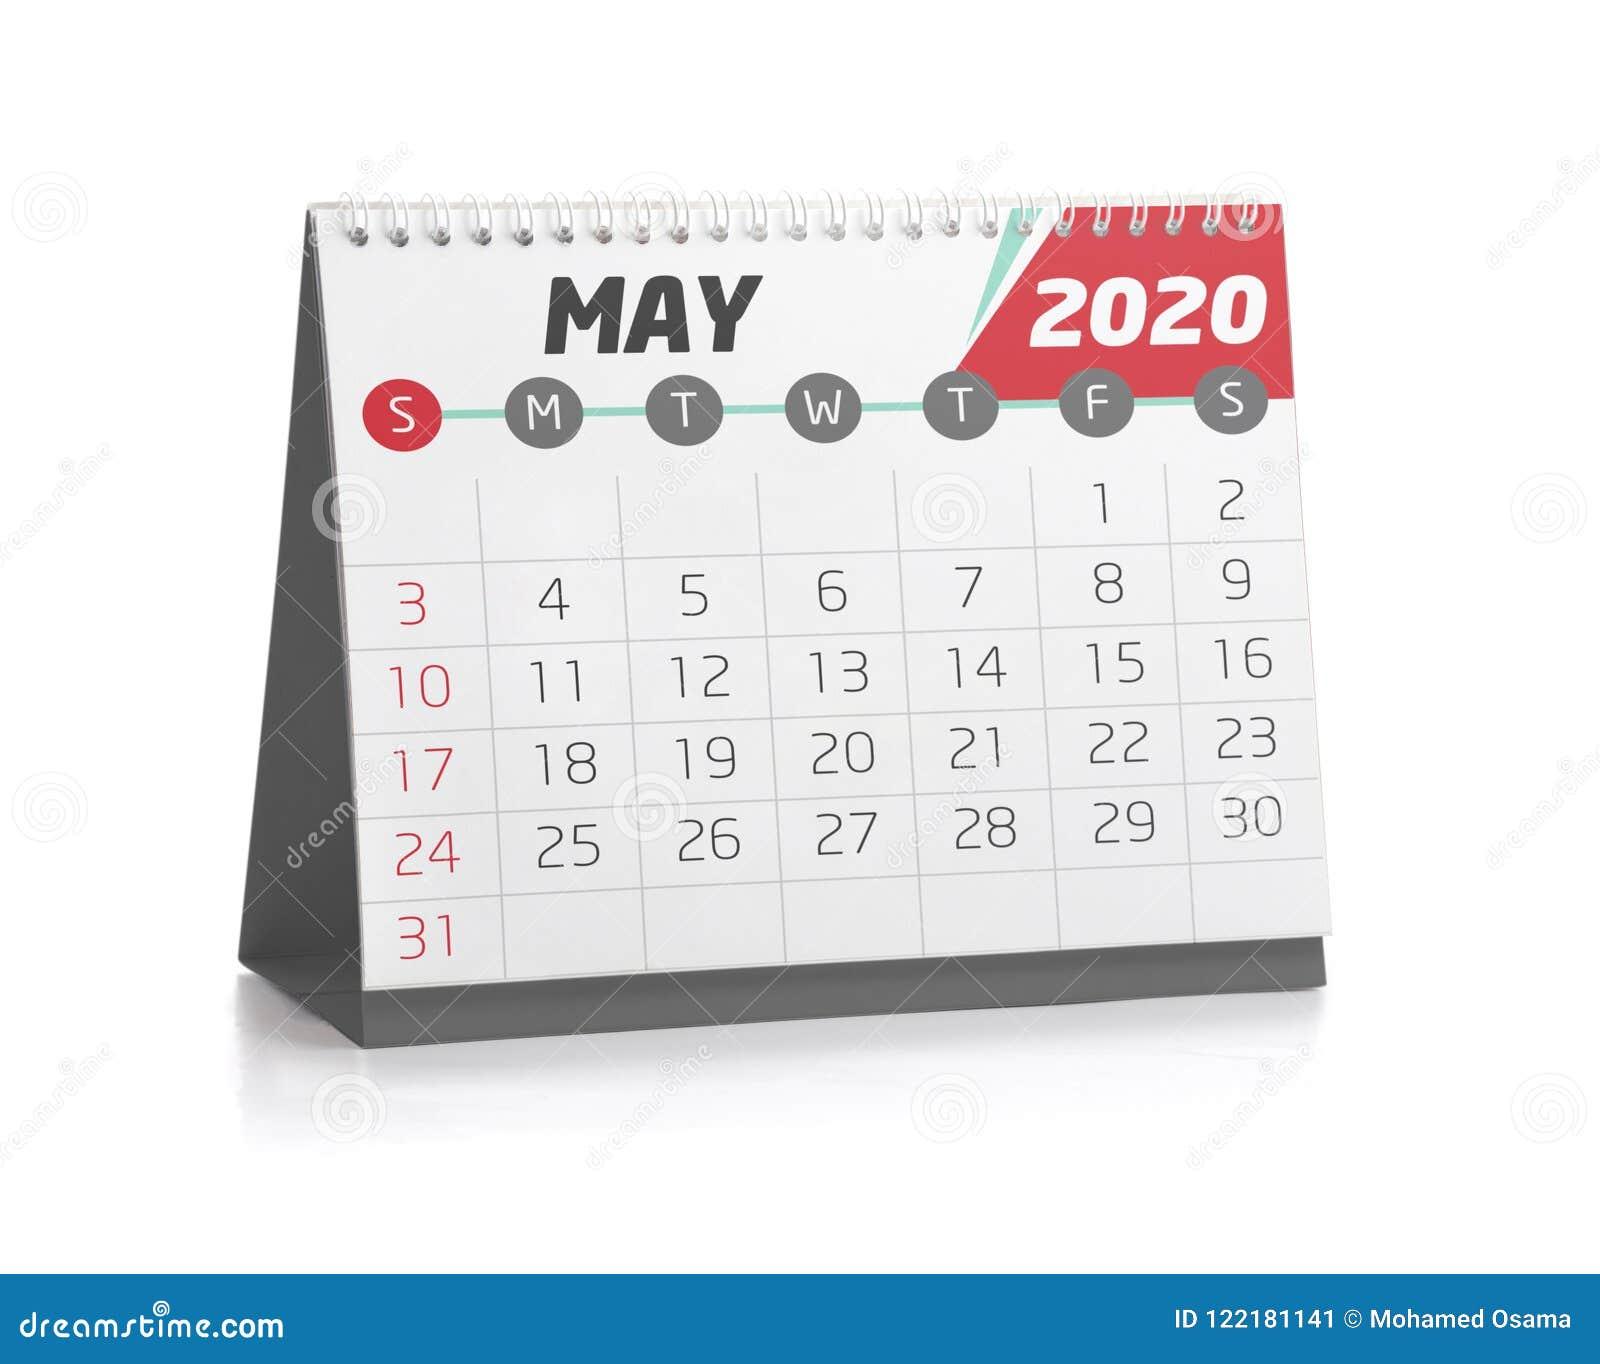 Calendario Maggio 2020.Ufficio Calendario Maggio 2020 Illustrazione Di Stock